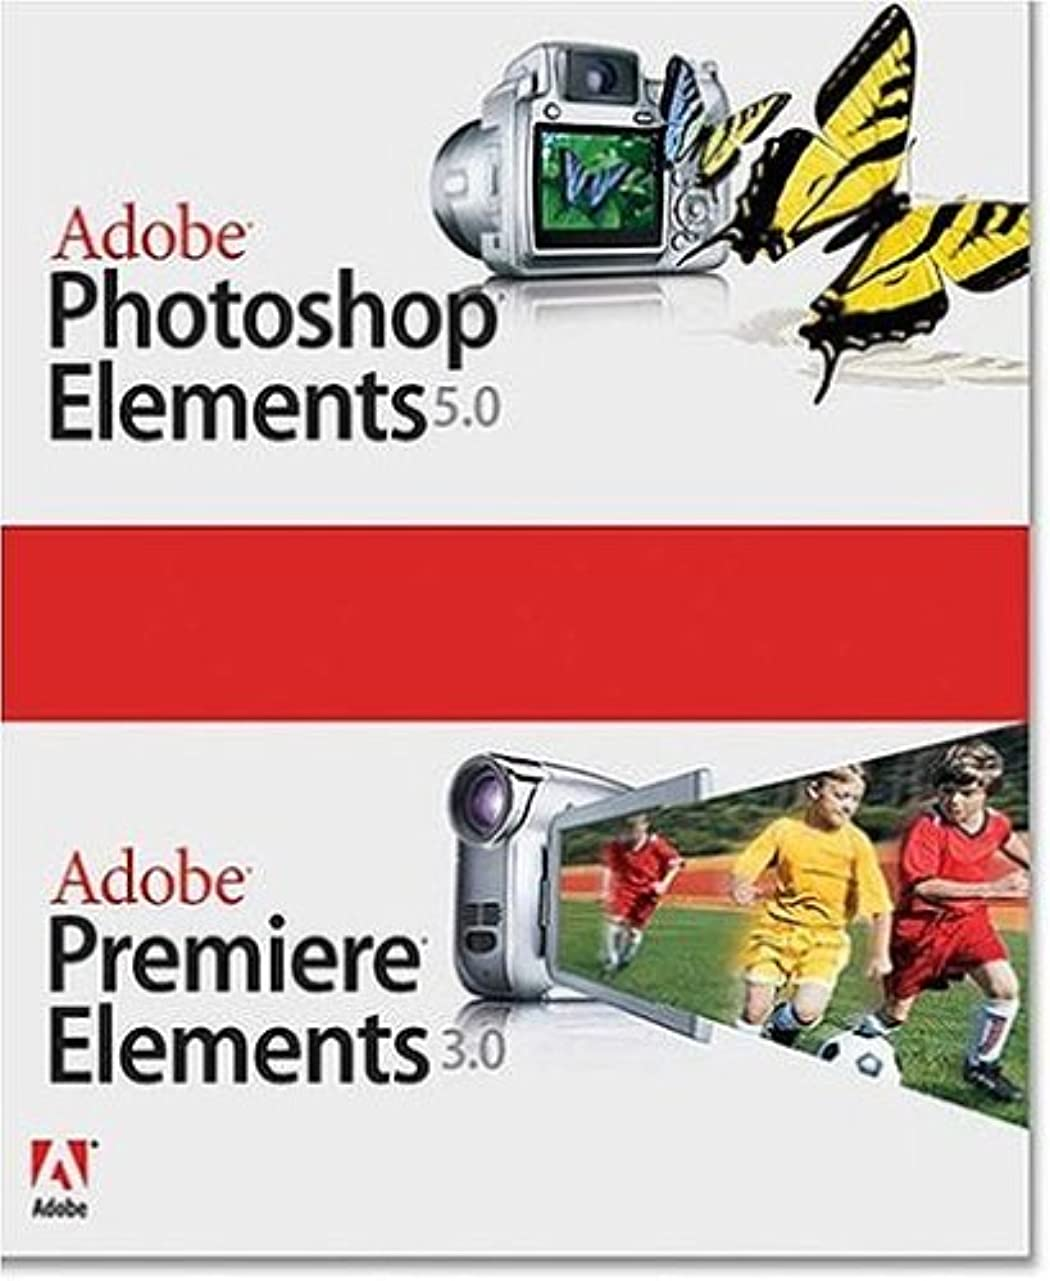 船尾悲しむ高度なAdobe Photoshop Elements 5.0 plus Adobe Premiere Elements 3.0 英語版 Windows版